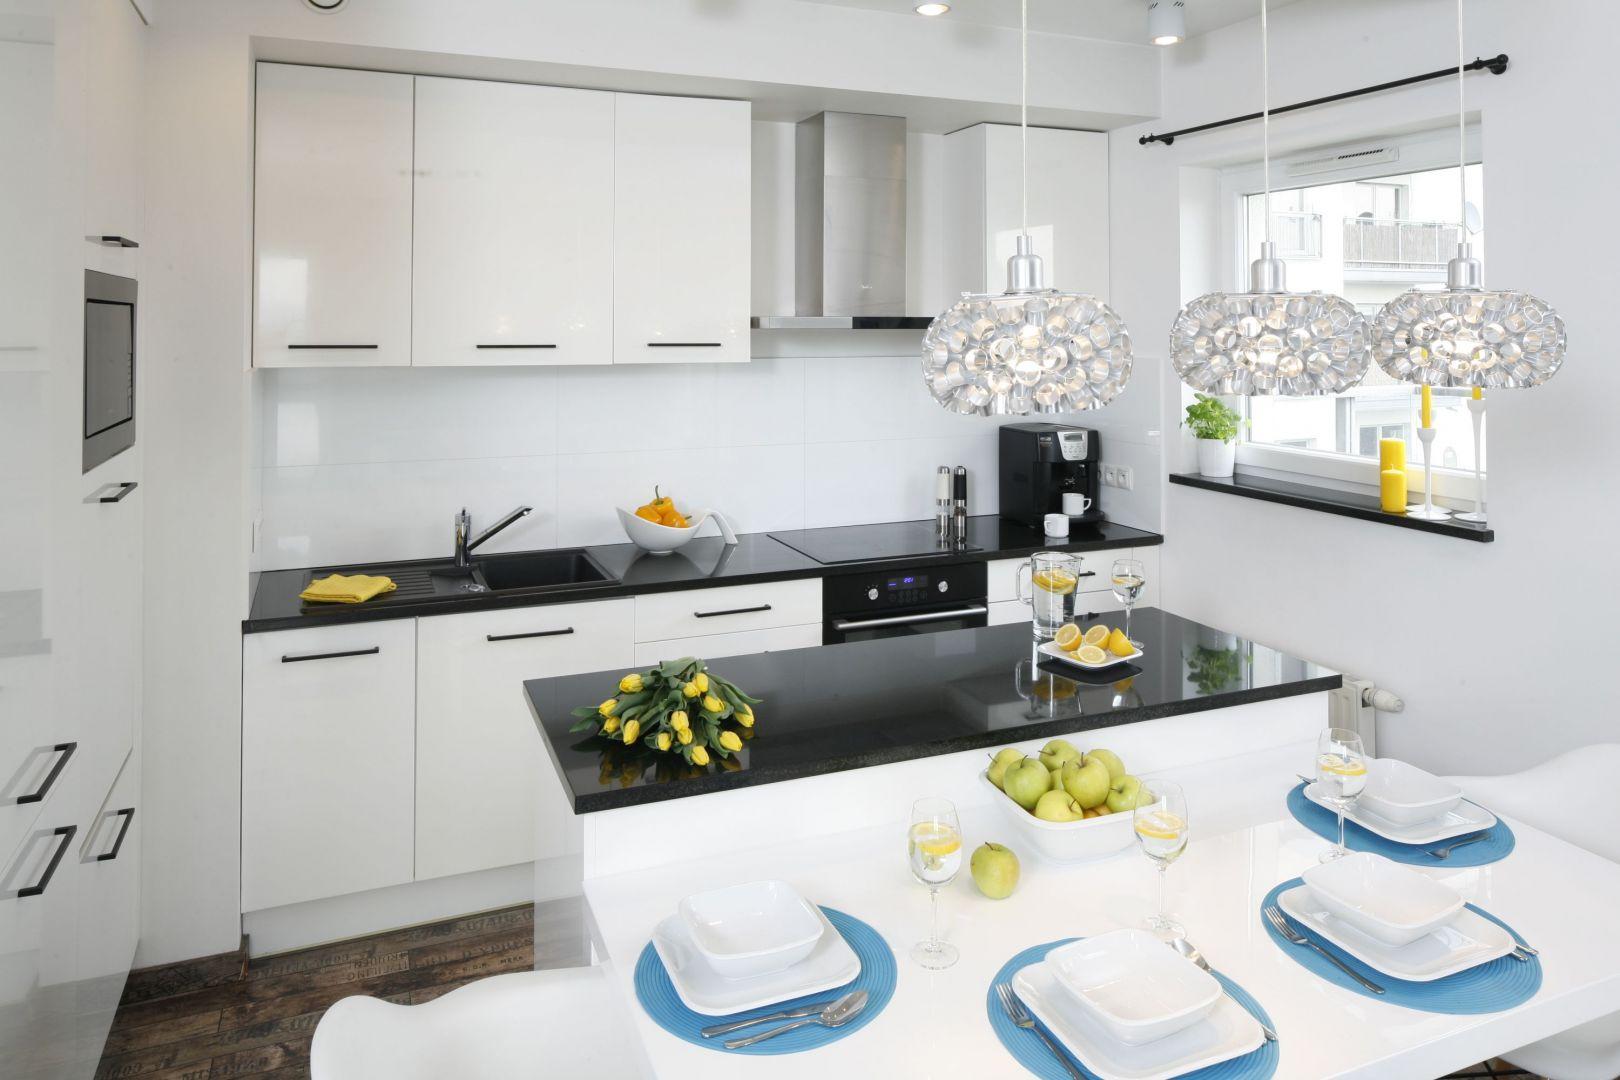 W niedużym mieszkaniu kuchnię urządzono w bieli. Ożywia ją czerń oraz dodatki w intensywnych żółtych i turkusowych kolorach. Projekt Katarzyna Uszok. Fot. Bartosz Jarosz.